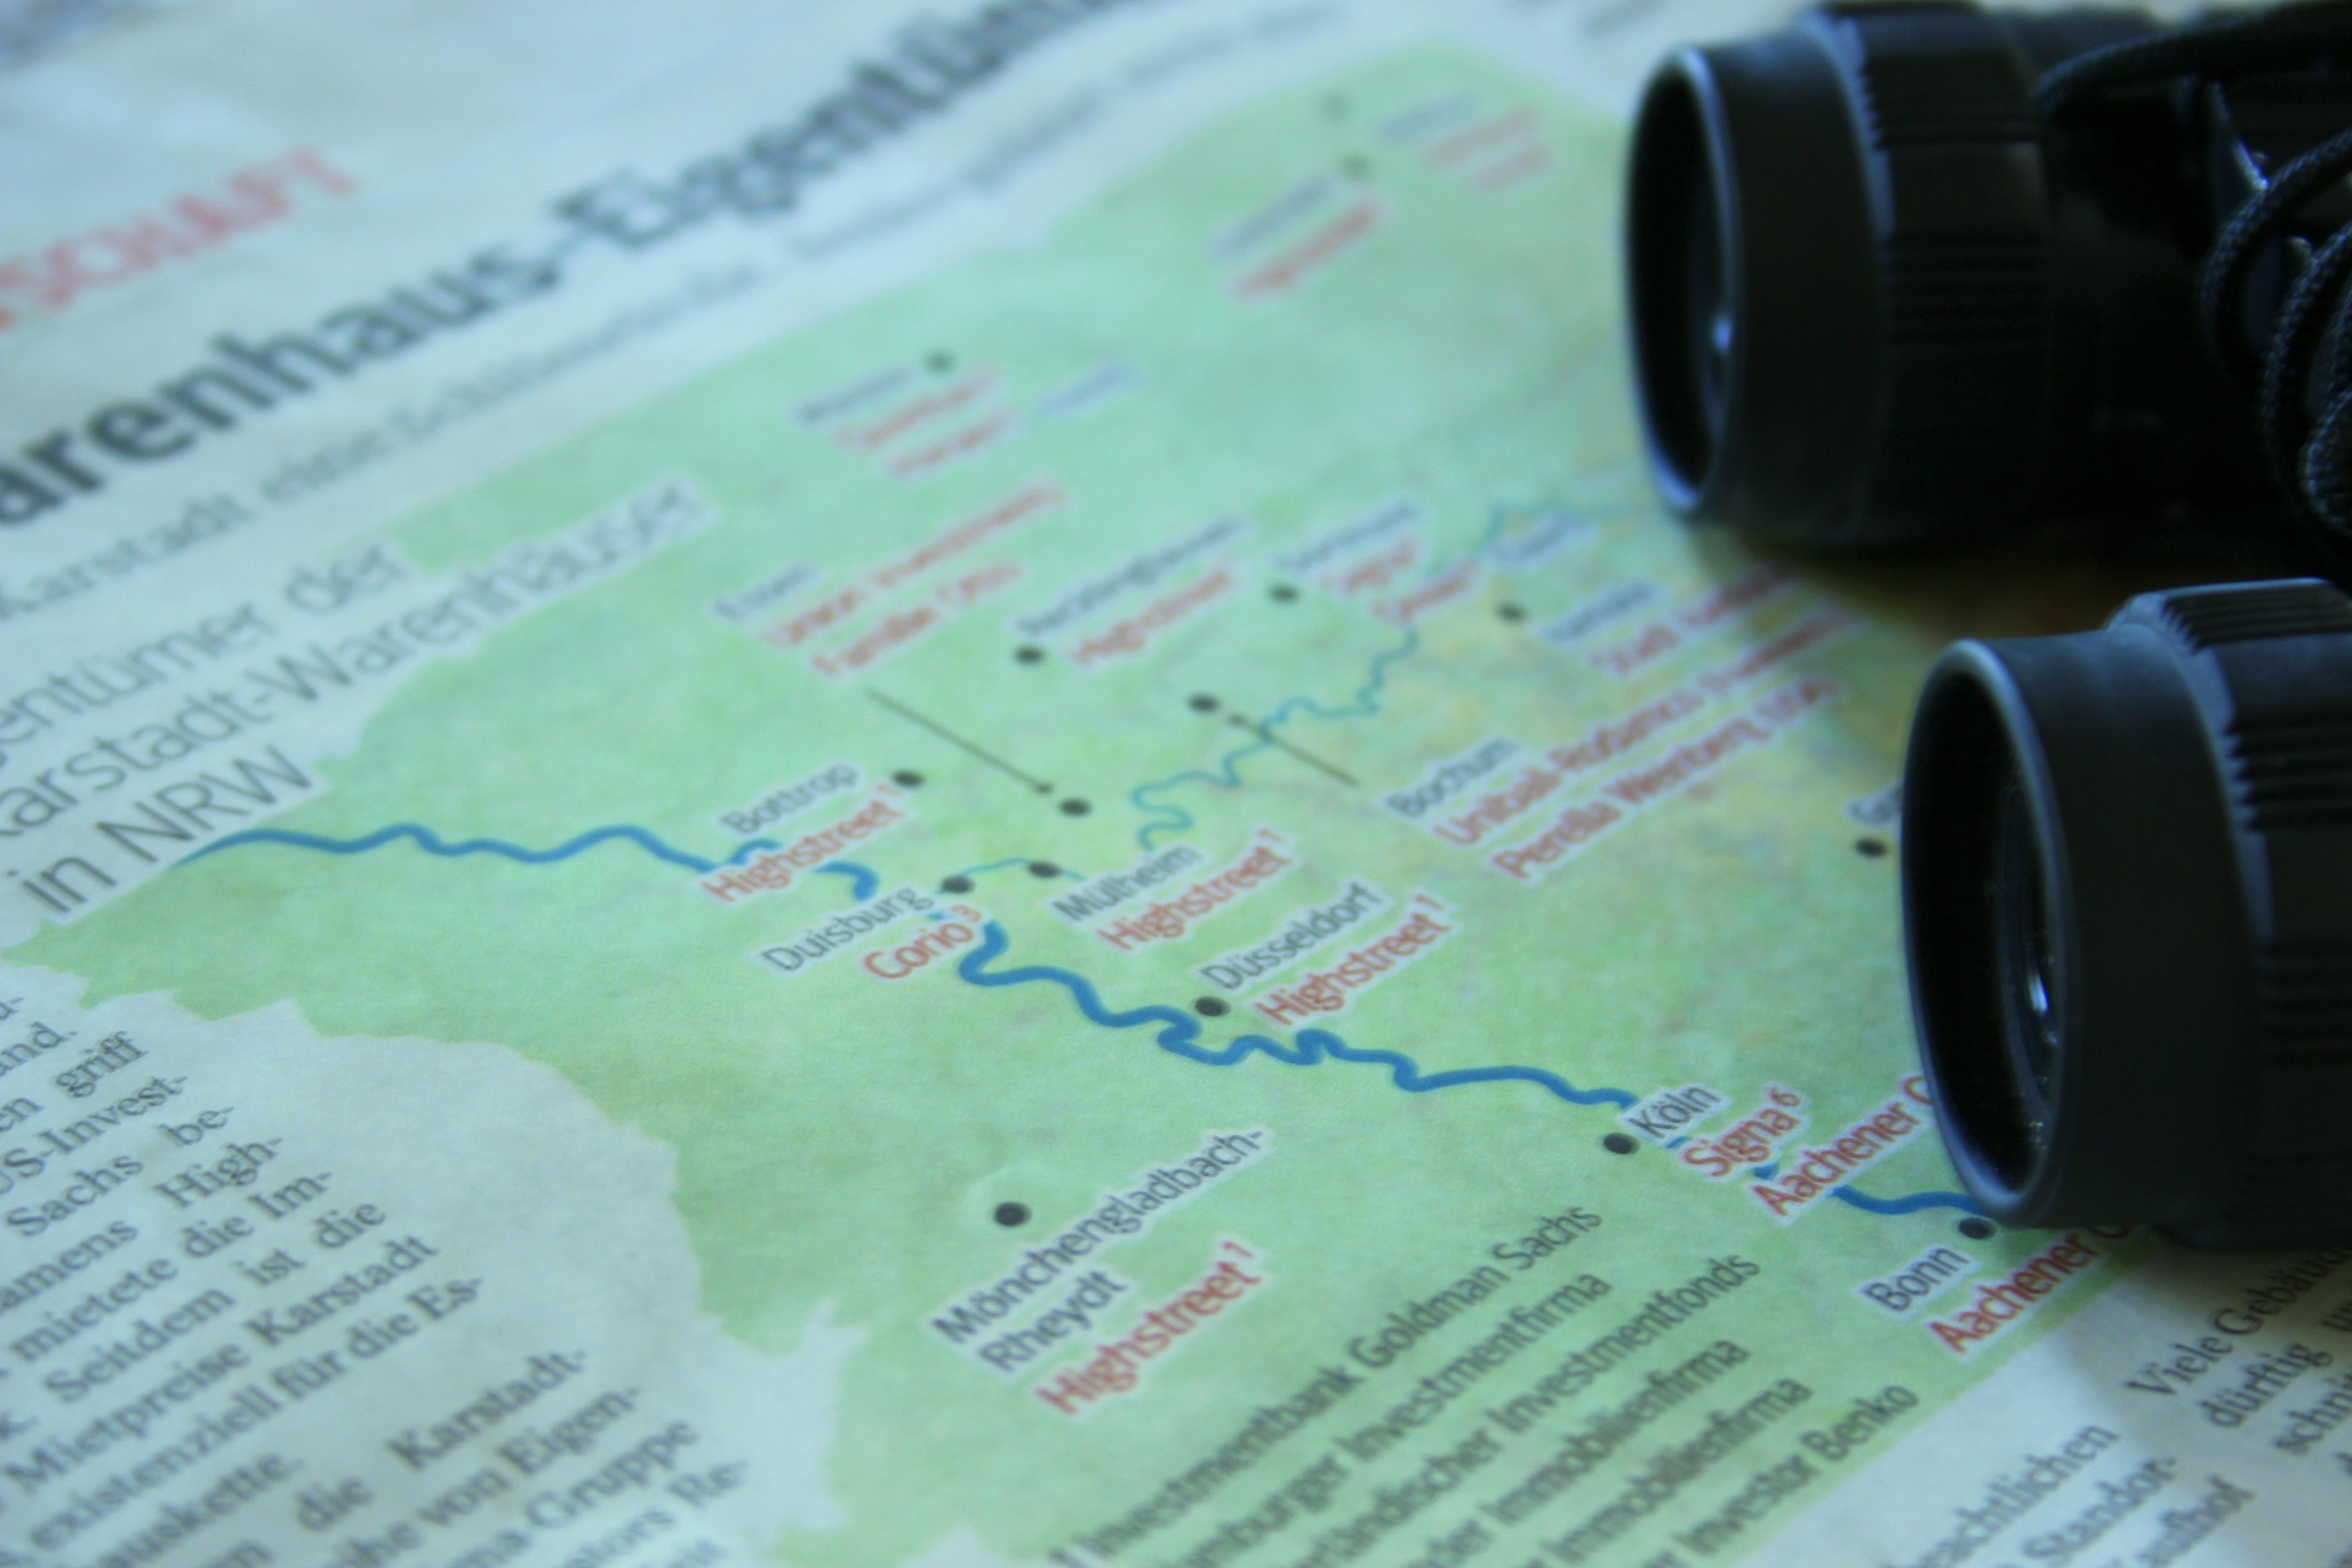 kart kjøring Bildet : skriving, se, fotturer, sti, kjøring, ferie, reise  kart kjøring